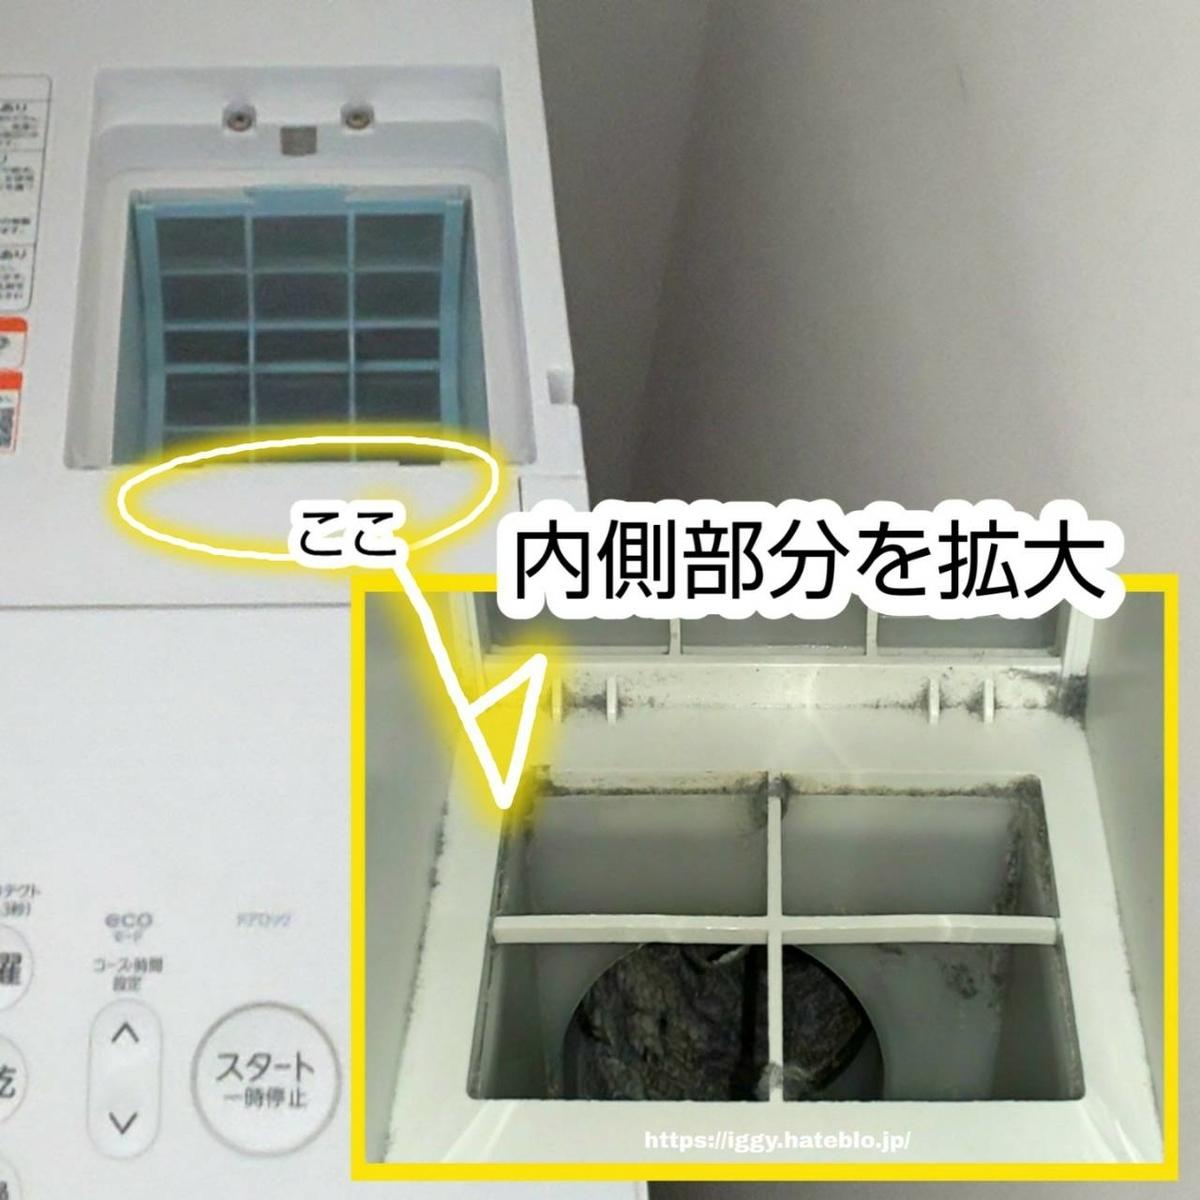 ドラム式洗濯乾燥機 内側部分拡大 iggy2019